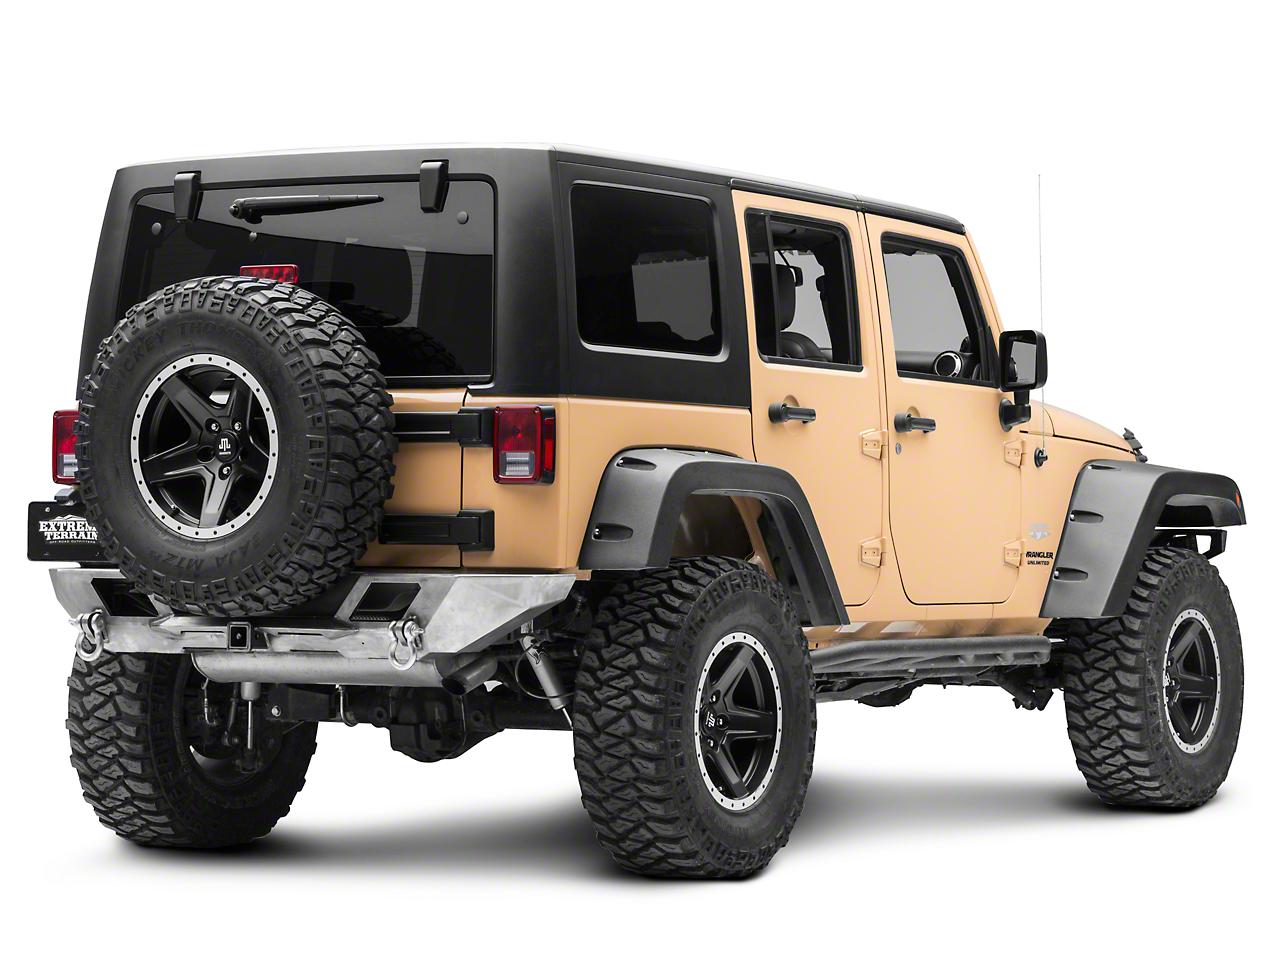 LoD Offroad Destroyer Shorty Rear Bumper - Bare Steel (07-18 Jeep Wrangler JK)